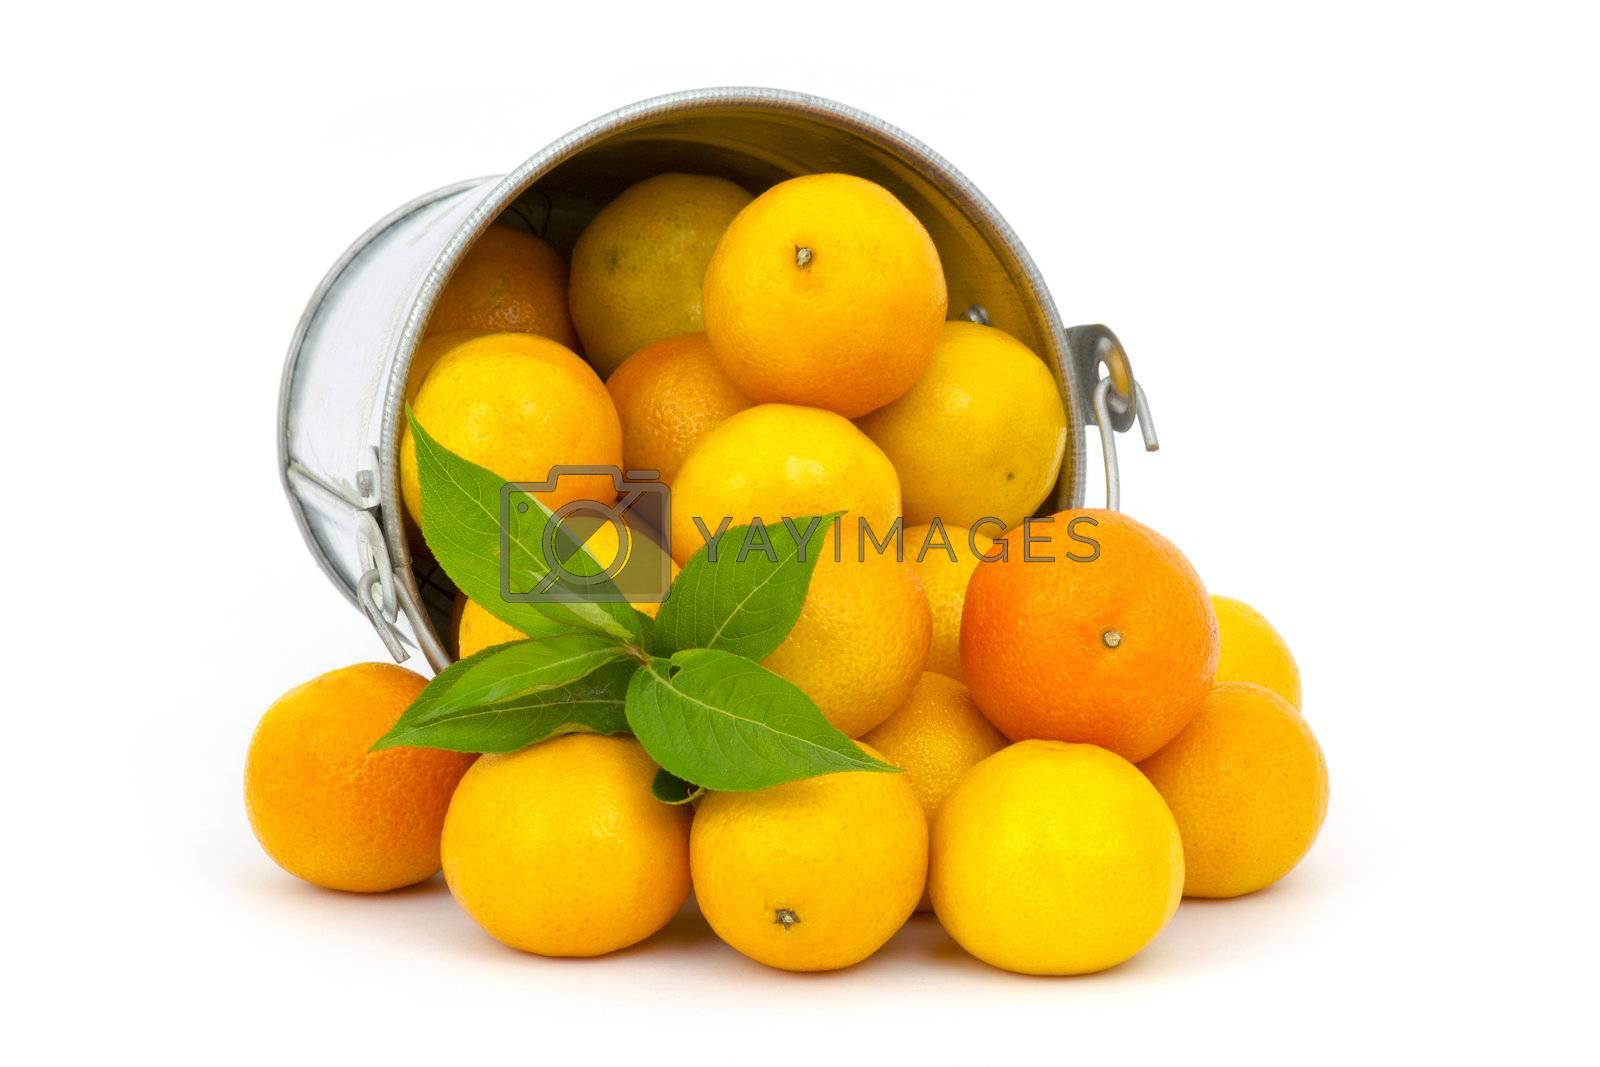 fresh tangerines on white by miradrozdowski